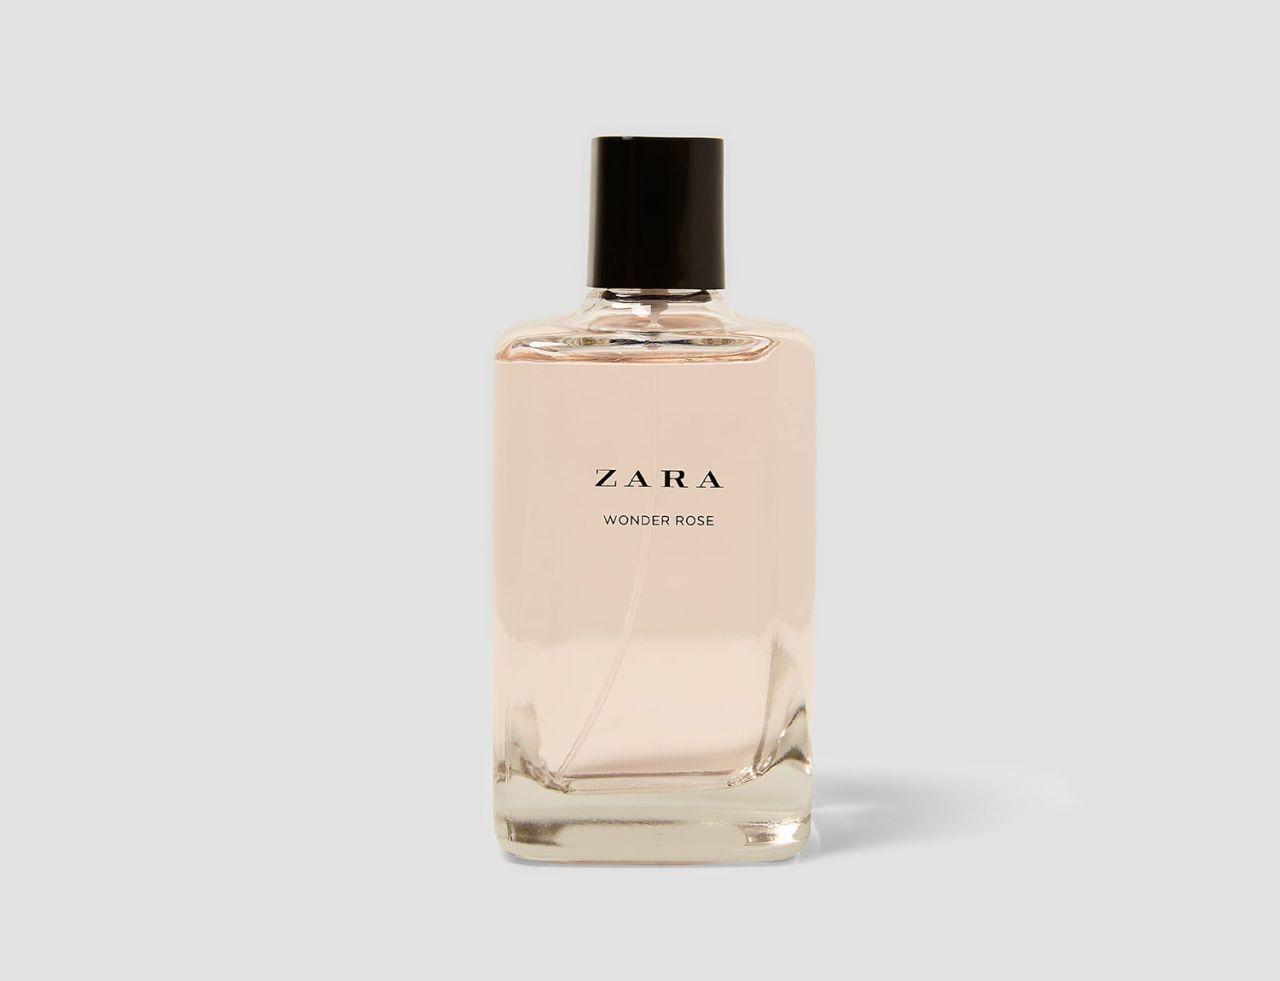 Perfumes De Los Perfumes Mejores Mejores Zara Los l31KJTFc